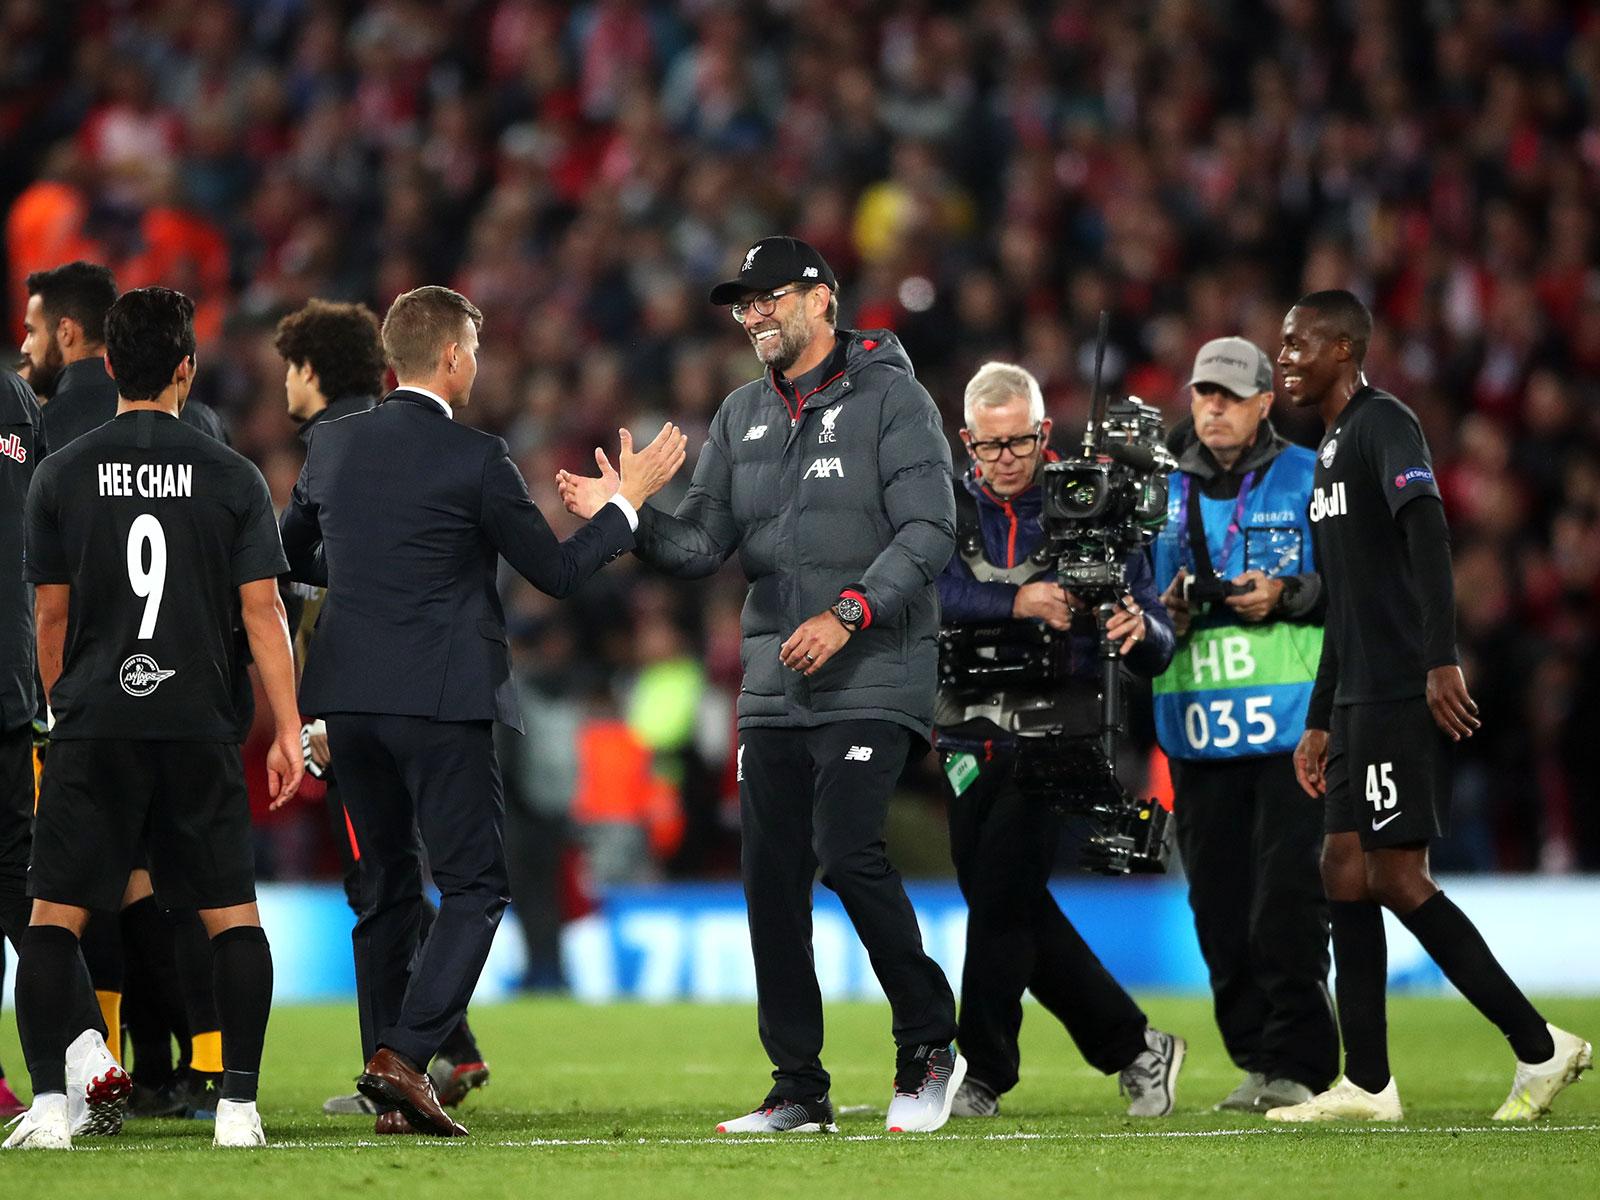 Jesse Marsch and Jurgen Klopp after Liverpool-Salzburg in Champions League